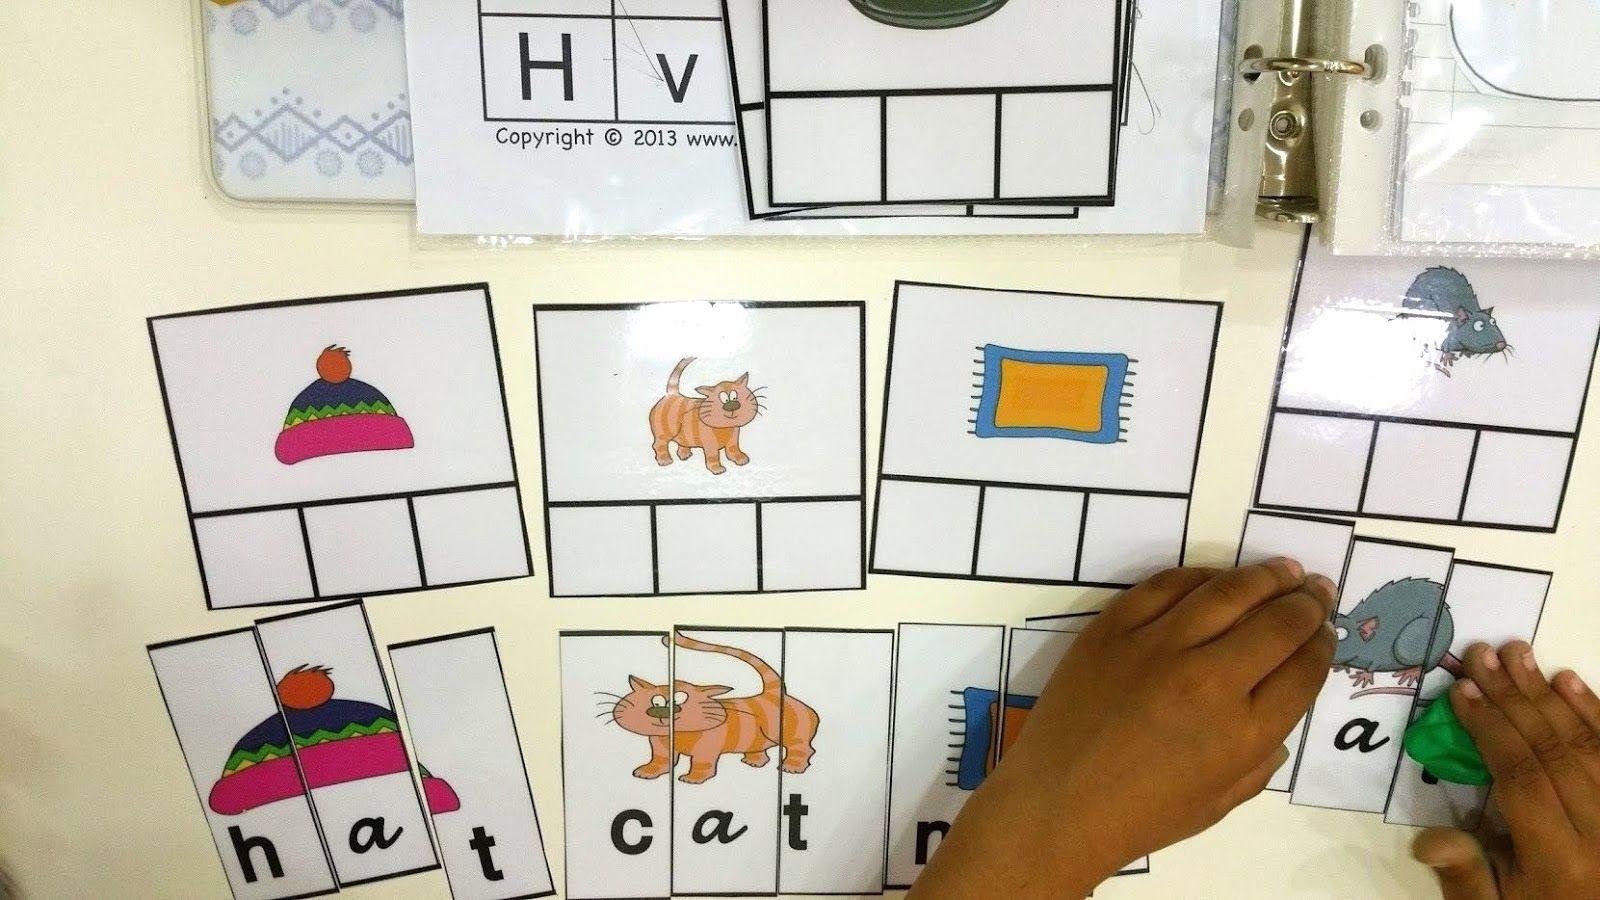 أنشطة متنوعة وجذابة مع أوراق عمل جاهزة للطباعة على هذه الأنشطة على حرف A لرياض الأطفال استكمالا لدرس الحروف الإنجليزي Baby Quiet Book Quiet Book Gallery Wall